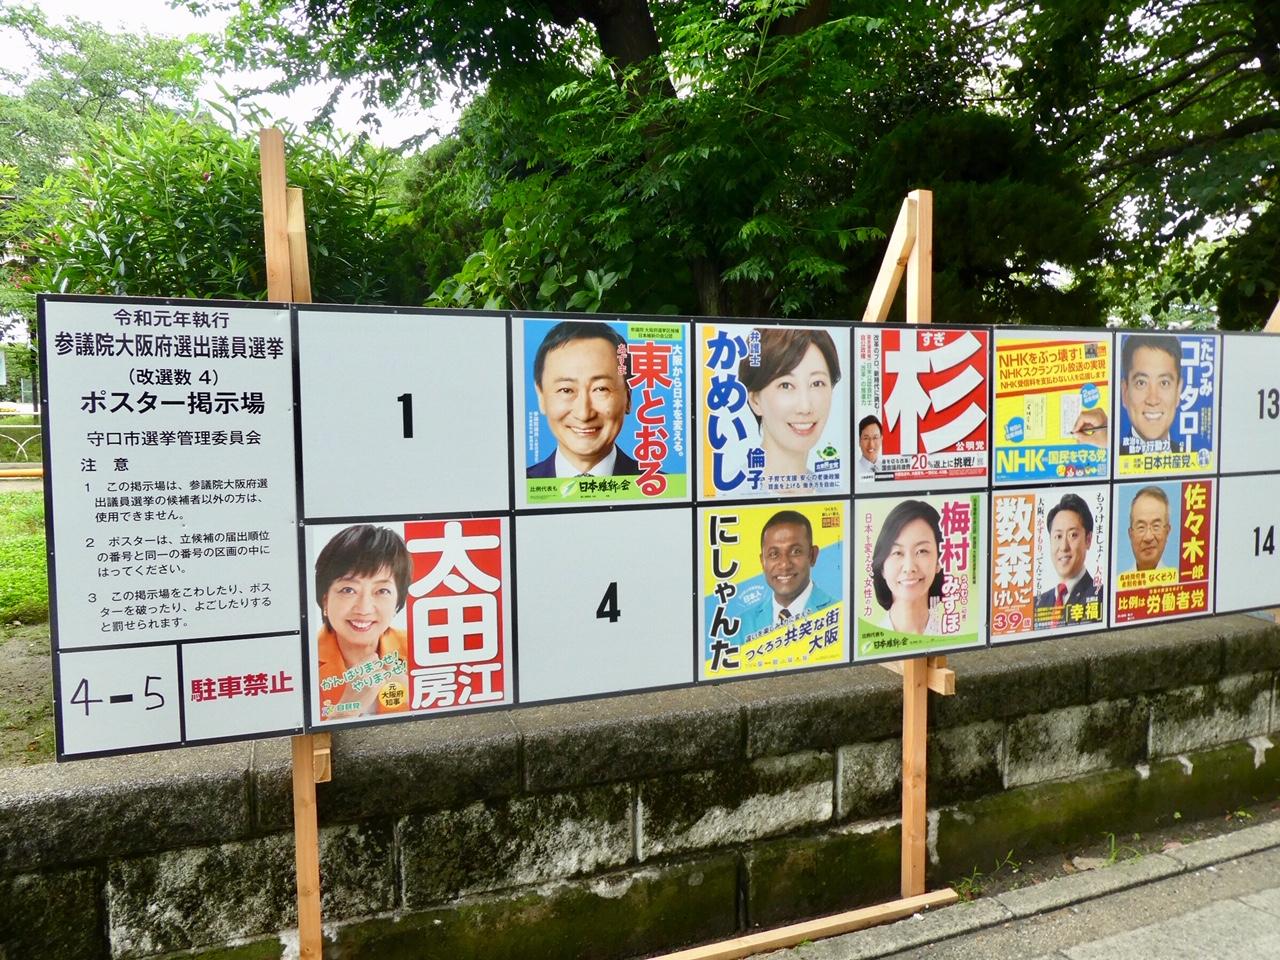 参議院 選挙 2019 候補 者